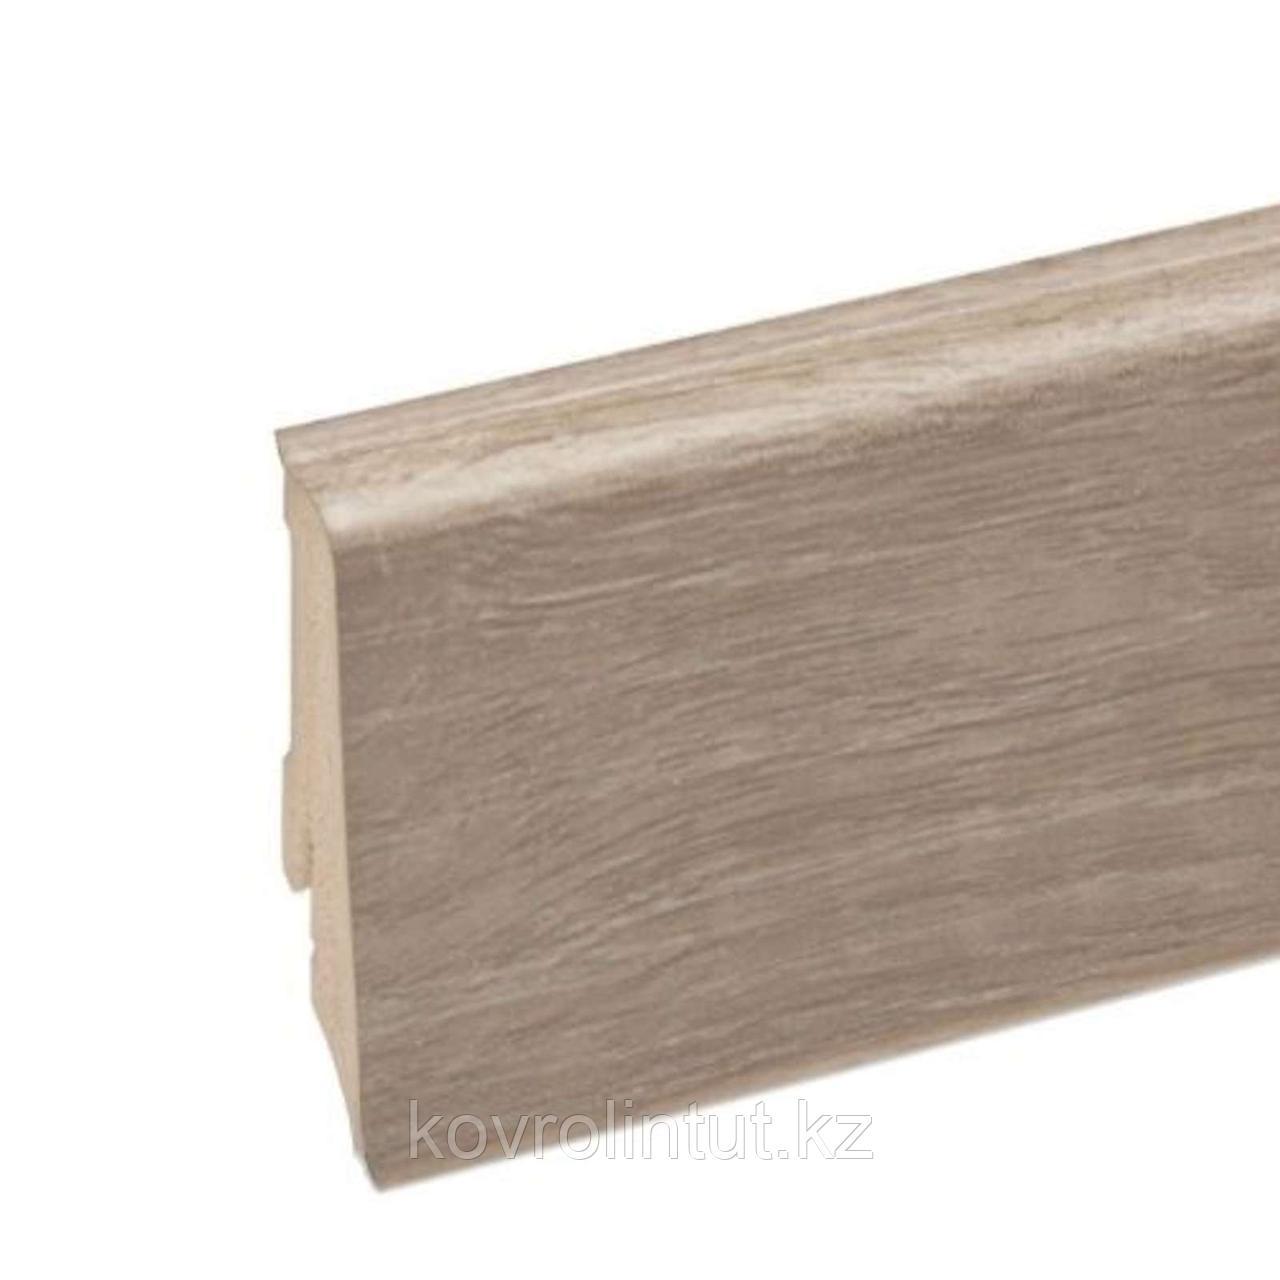 Плинтус композитный для LVT Neuhofer Holz, K0210L, 714906, 2400х59х17 мм